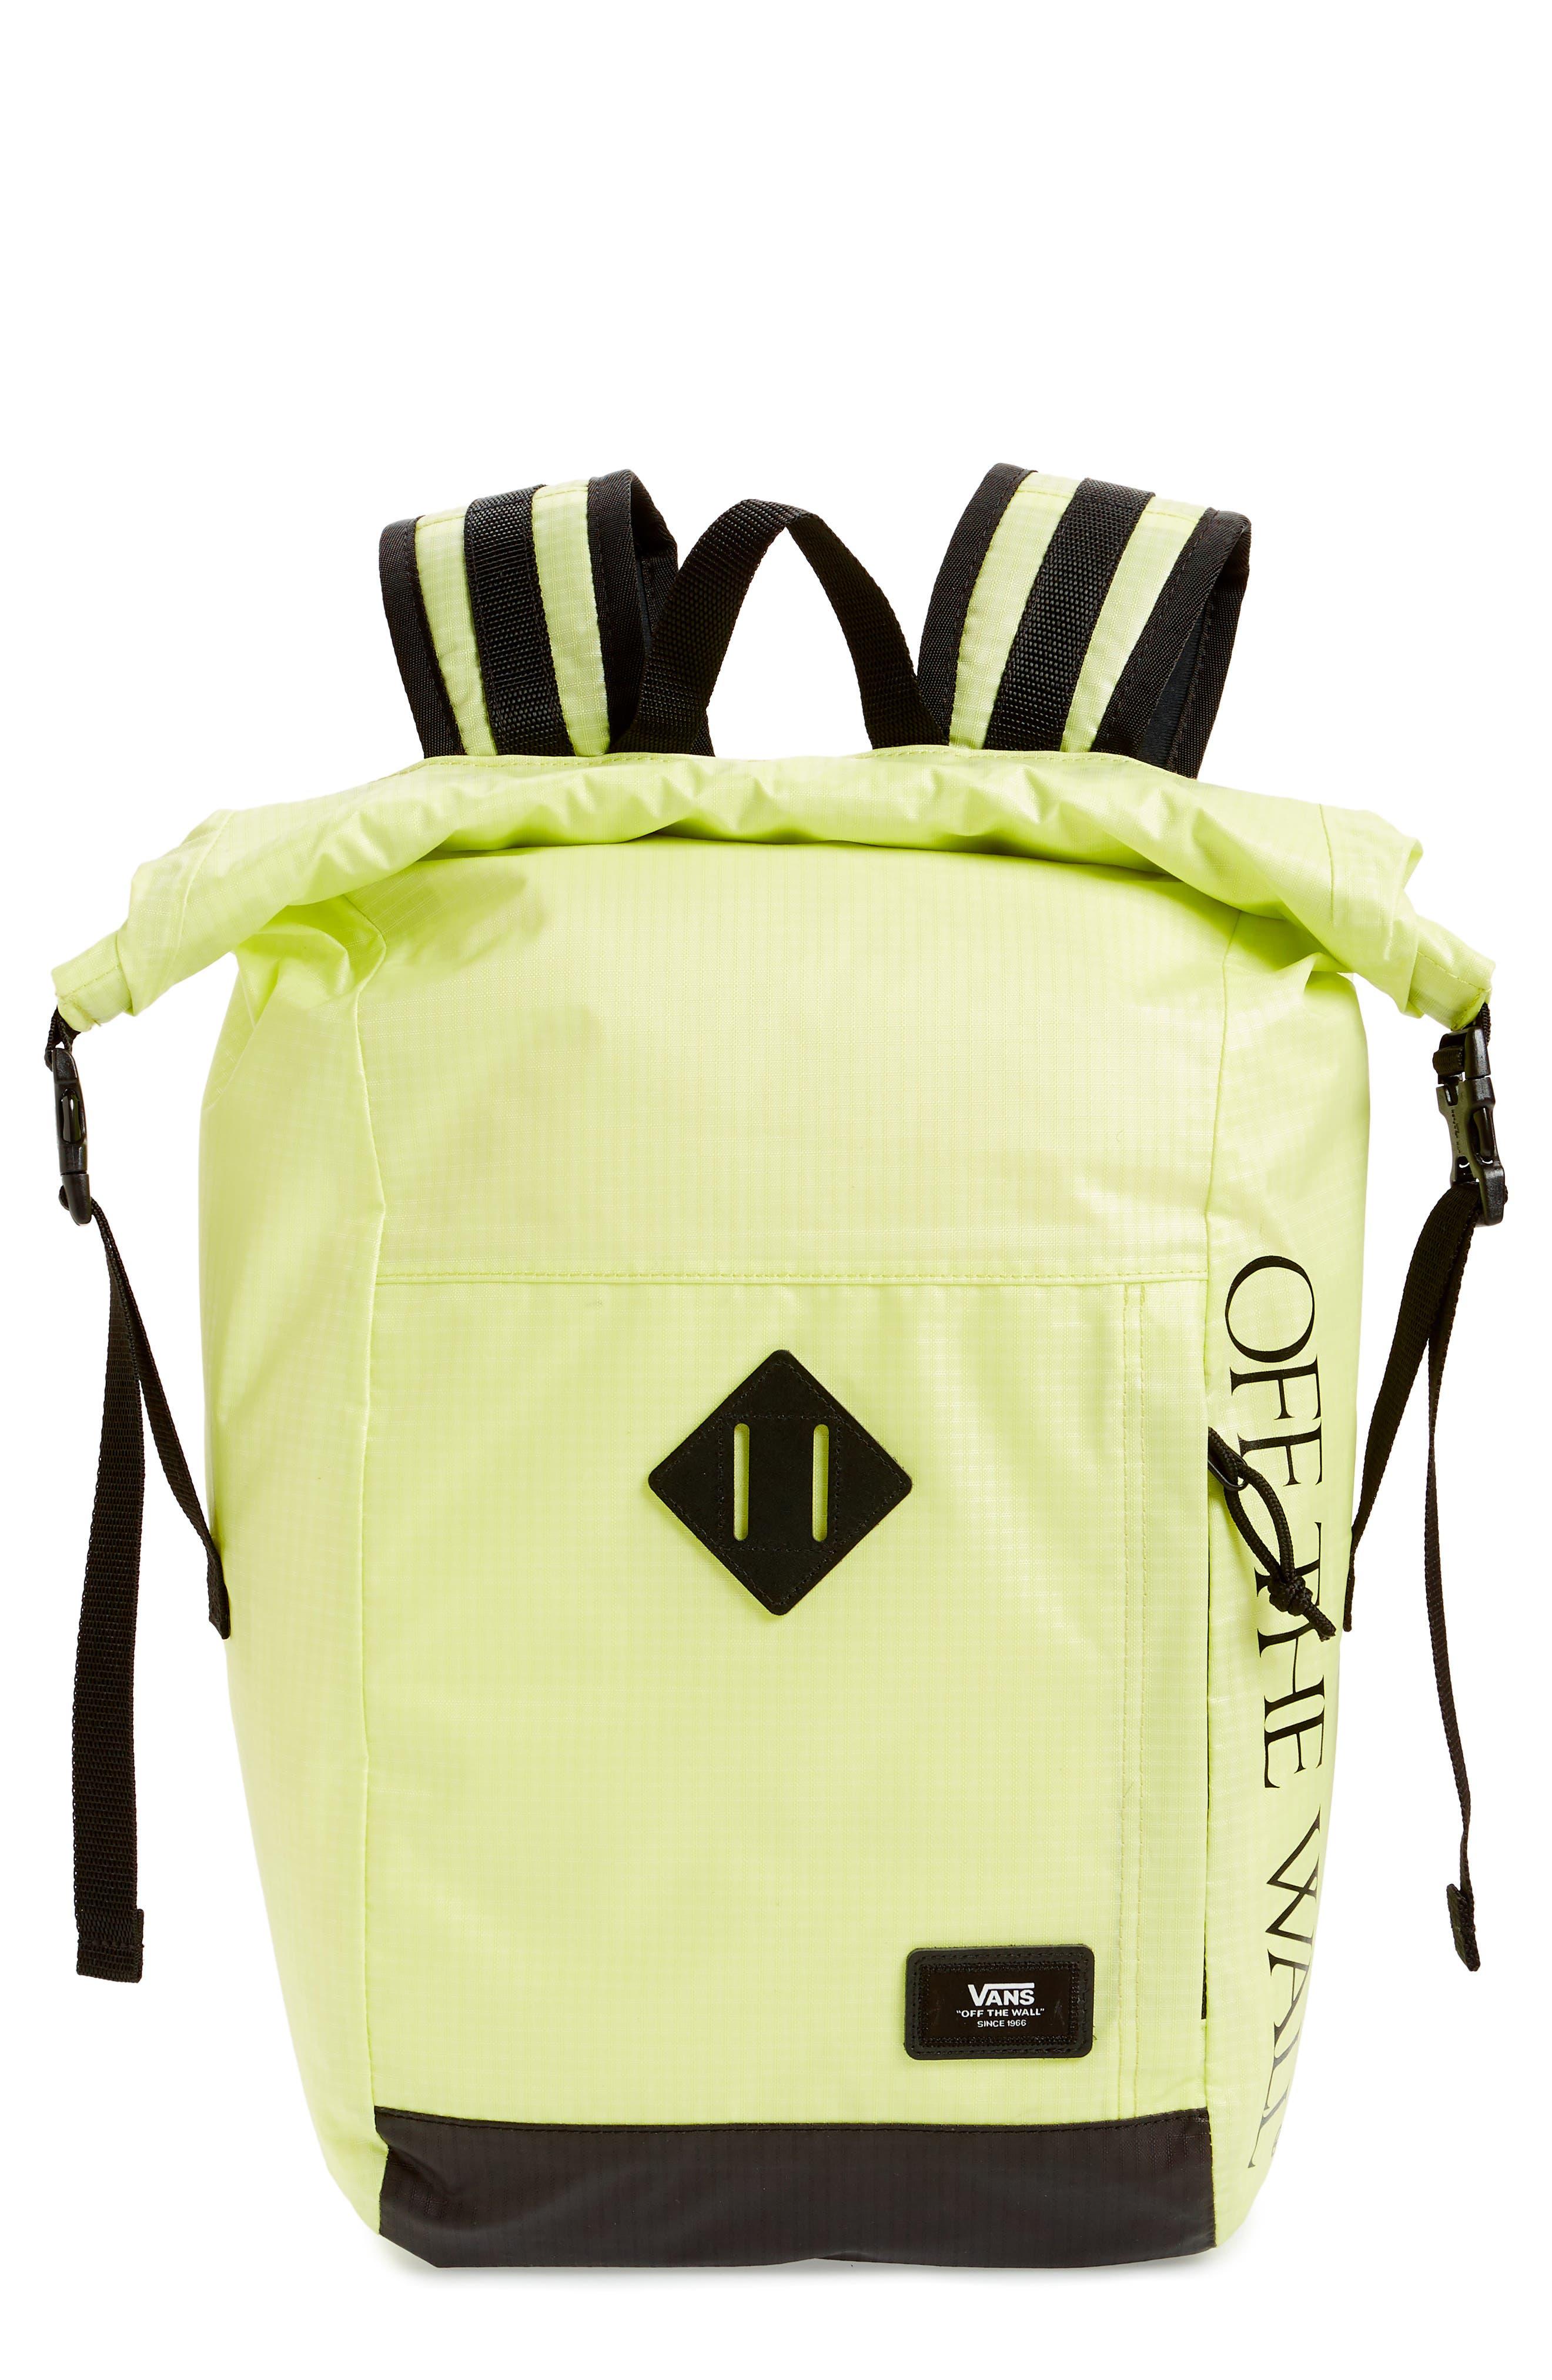 Vans Fend Rolltop Backpack - Green